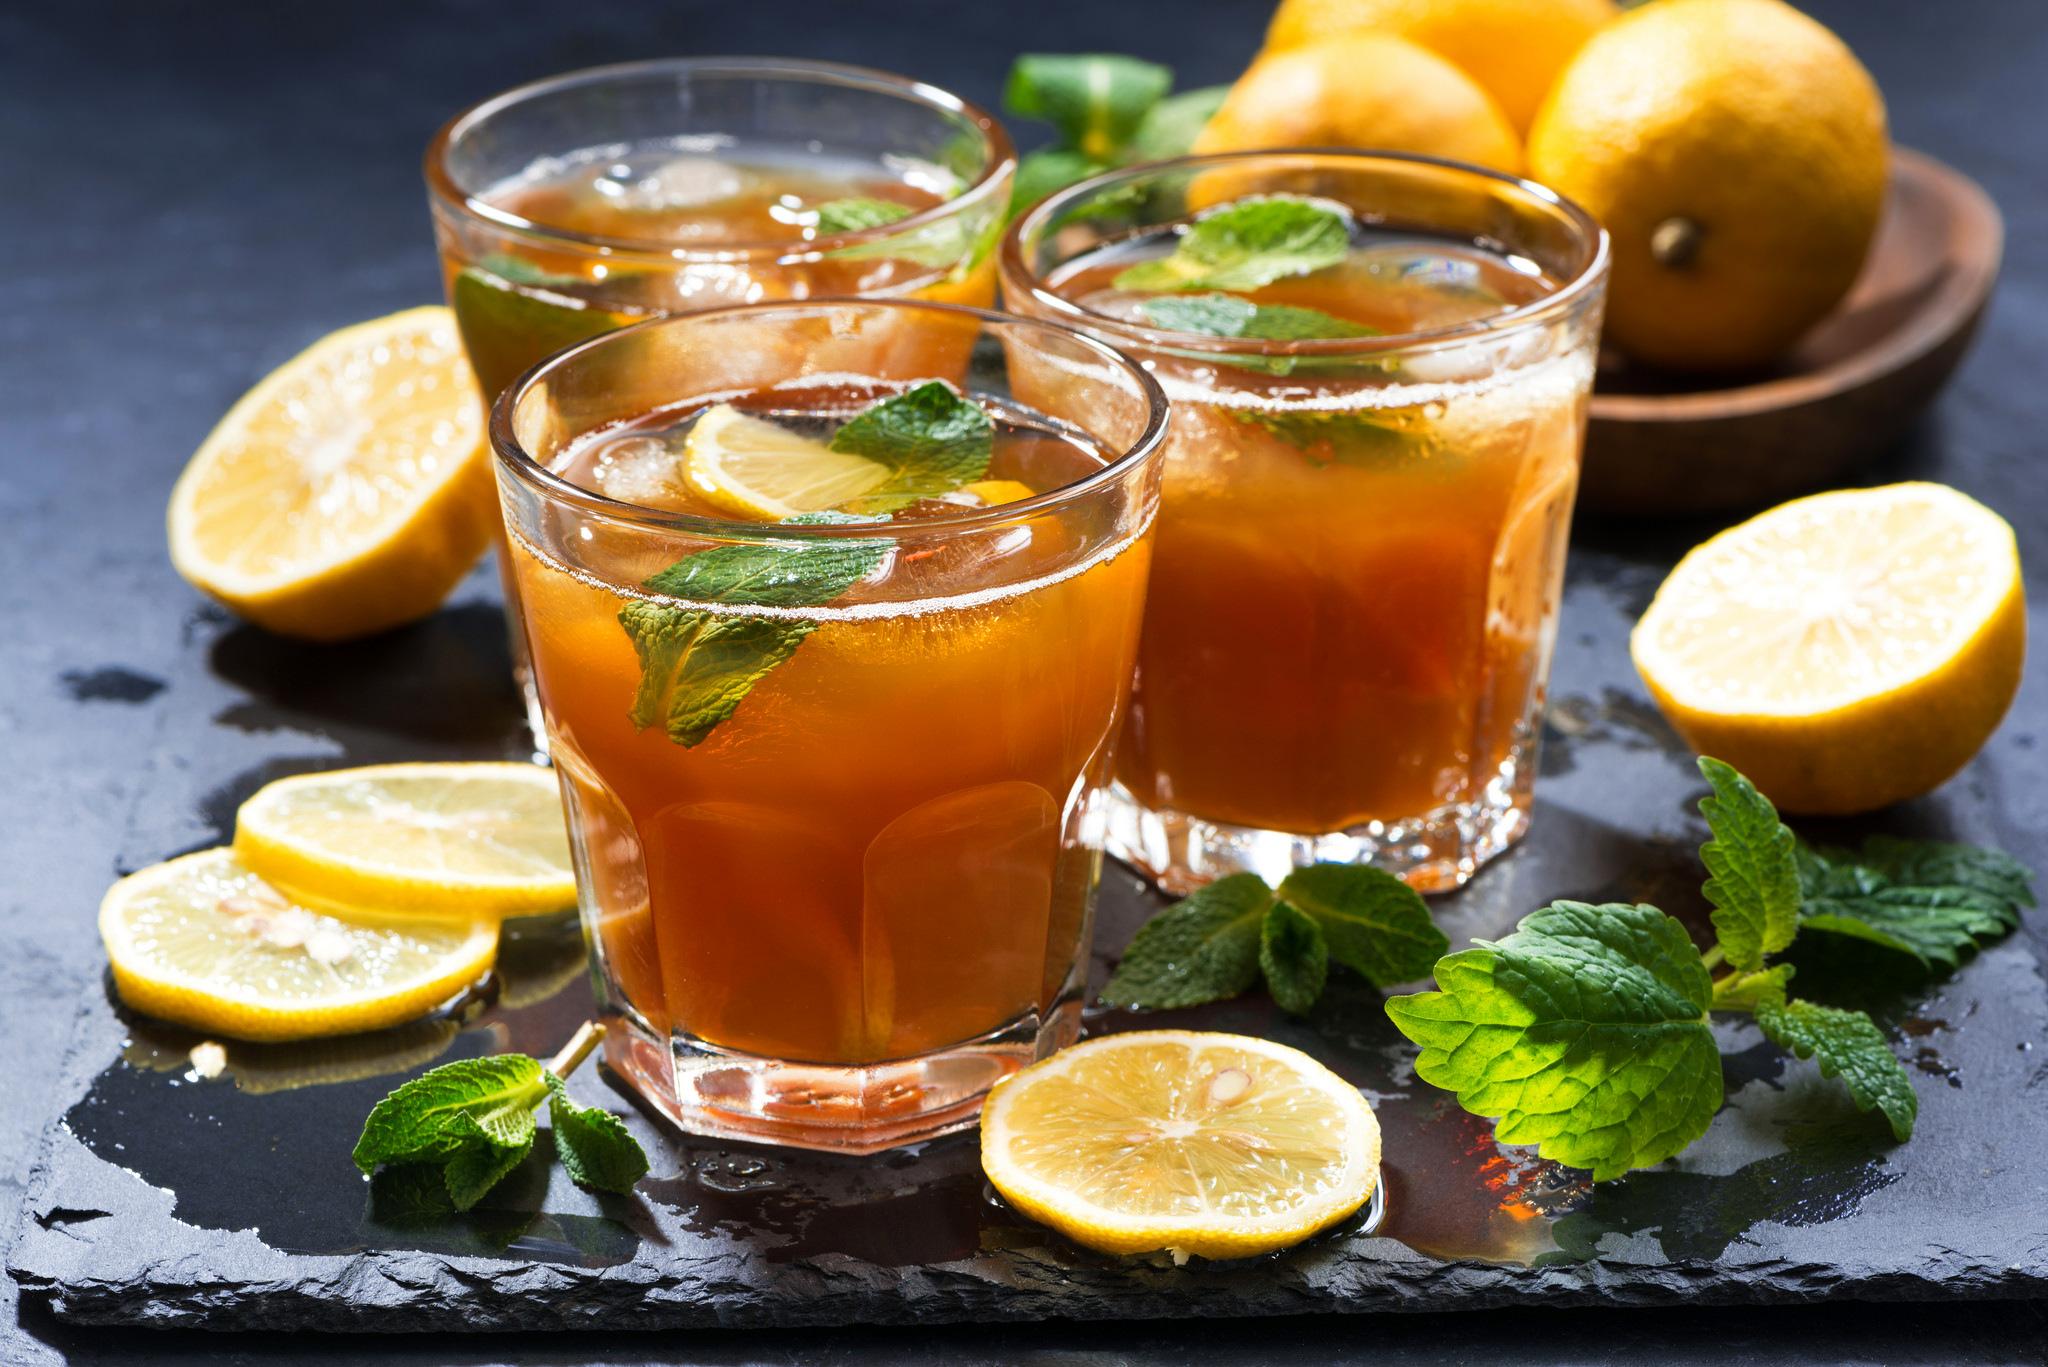 картинки чая с лимоном и мятой